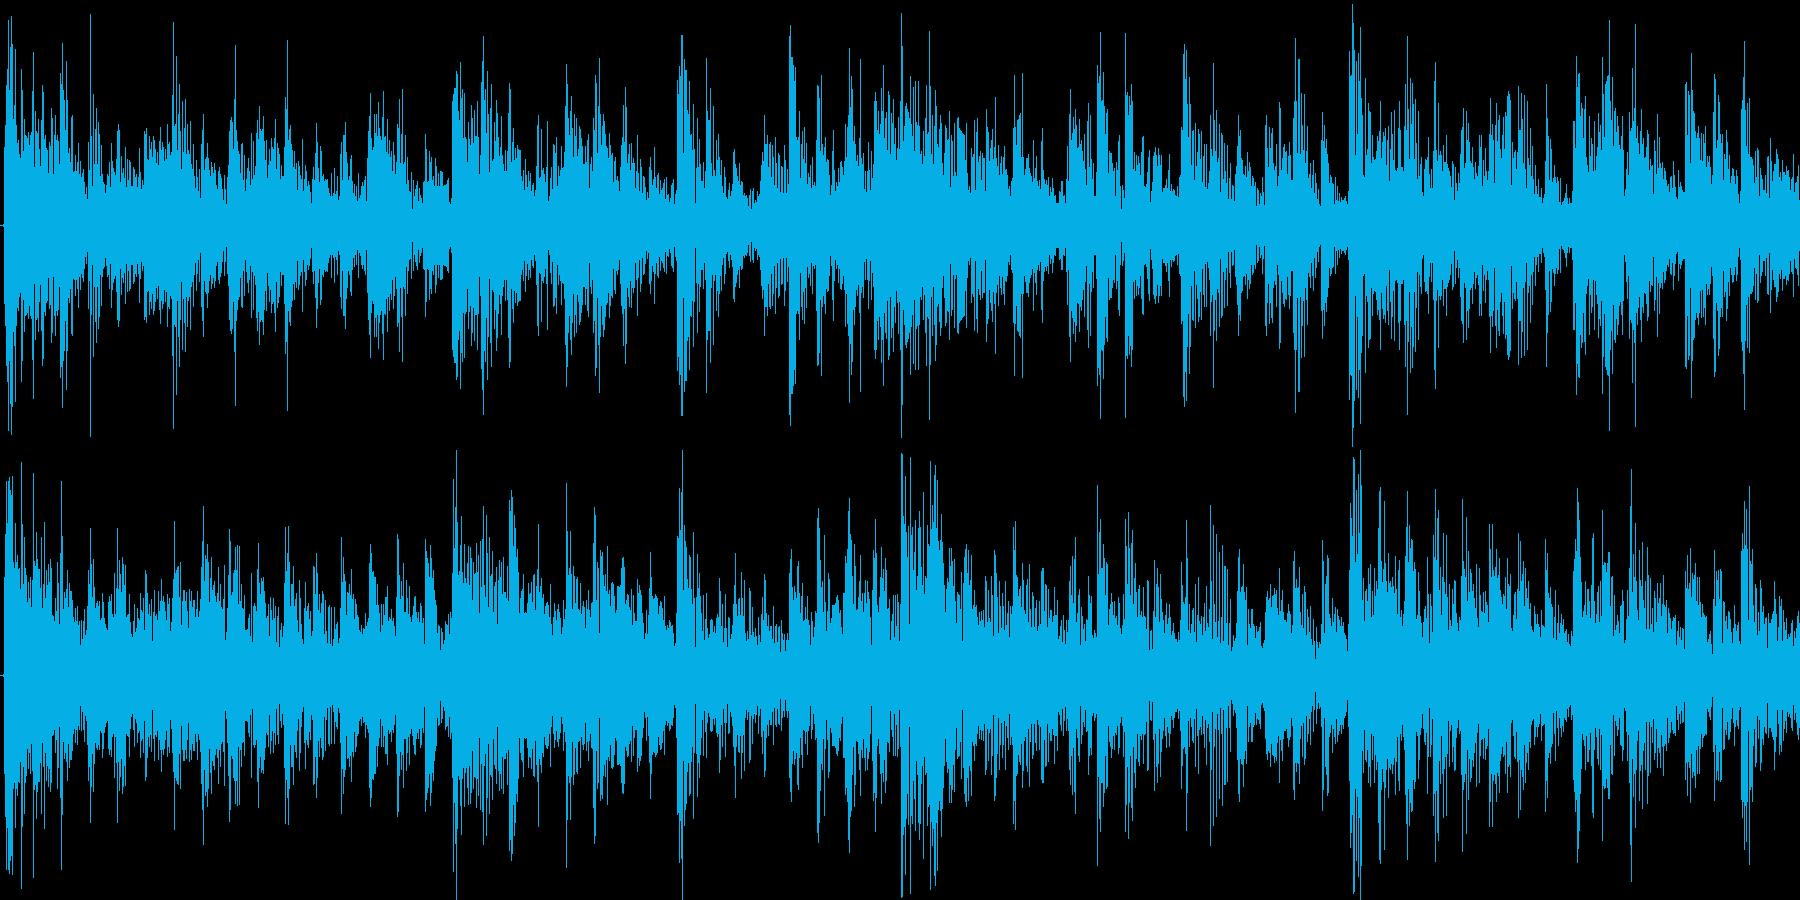 暗く疾走感のあるパワフルアンビエントの再生済みの波形